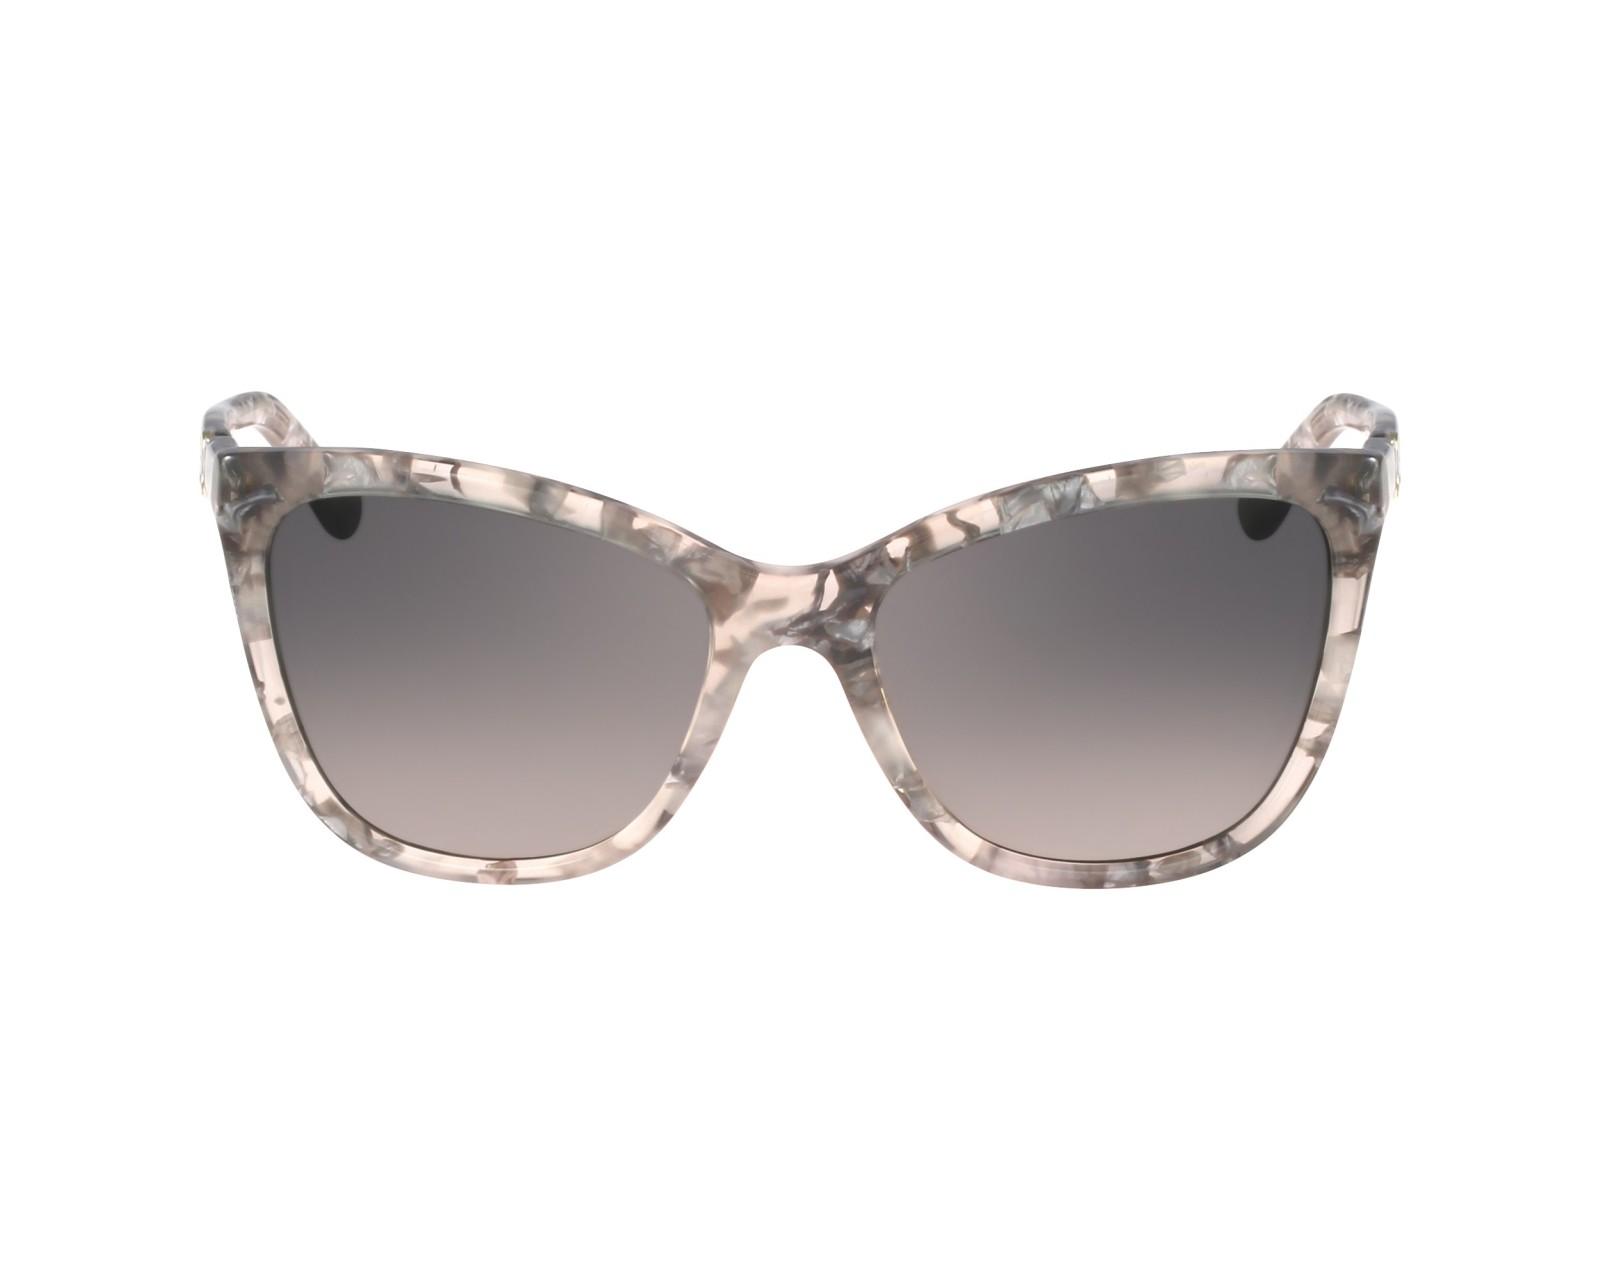 lunettes de soleil dolce gabbana dg 4193 m 2913t3 marbre avec des verres gris pour femmes. Black Bedroom Furniture Sets. Home Design Ideas